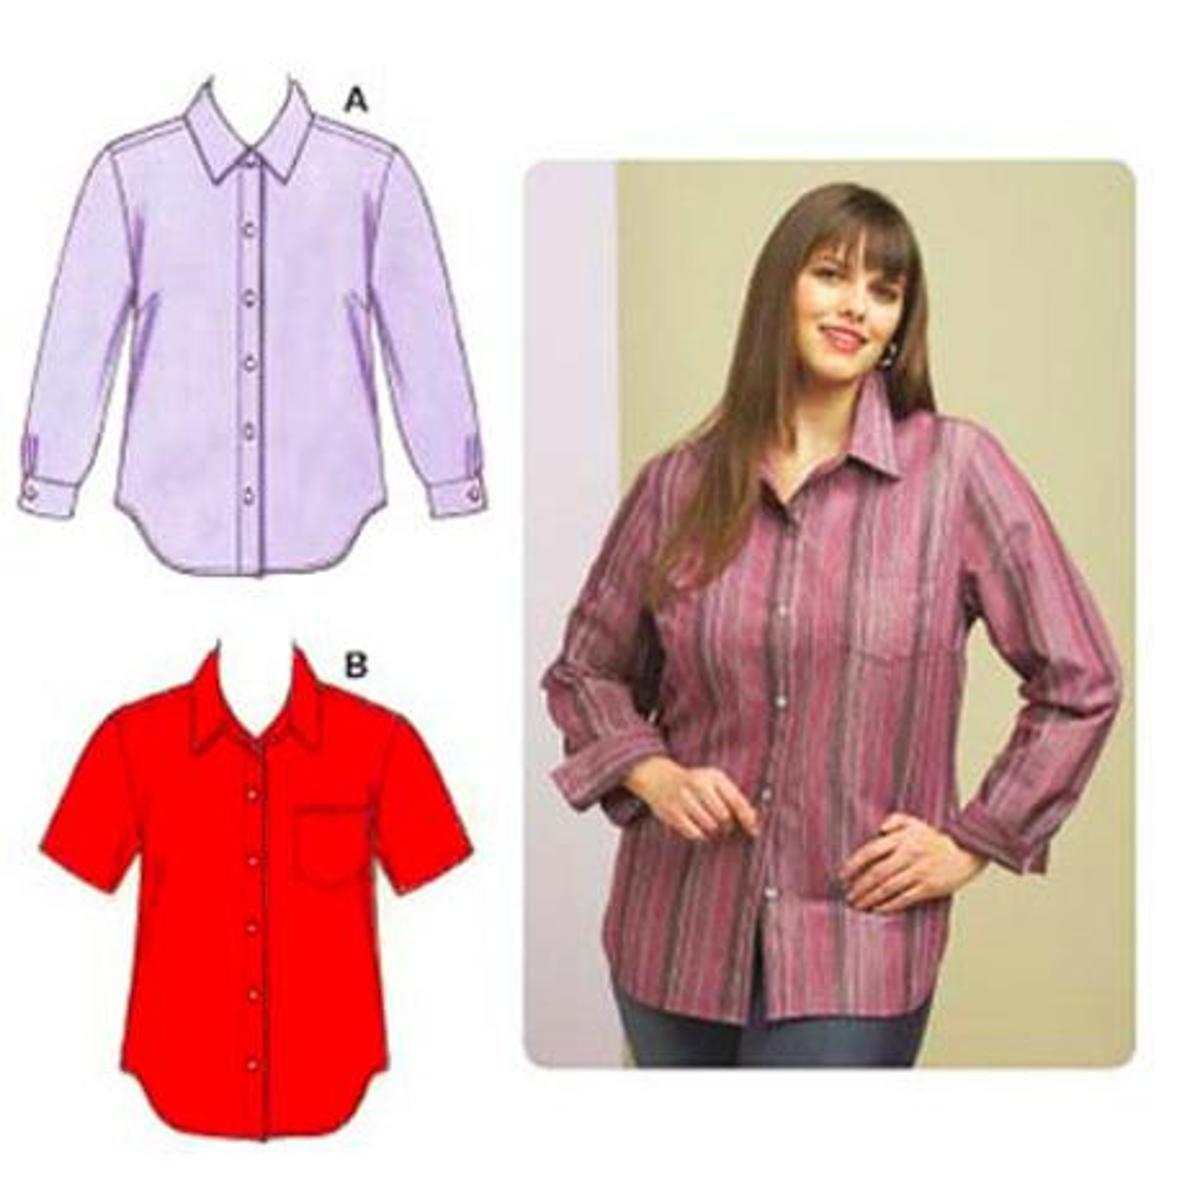 Kwik sew pattern 3586 plus size kwik sew kwik sew patterns kwik sew pattern 3586 plus size sewing kit jeuxipadfo Image collections